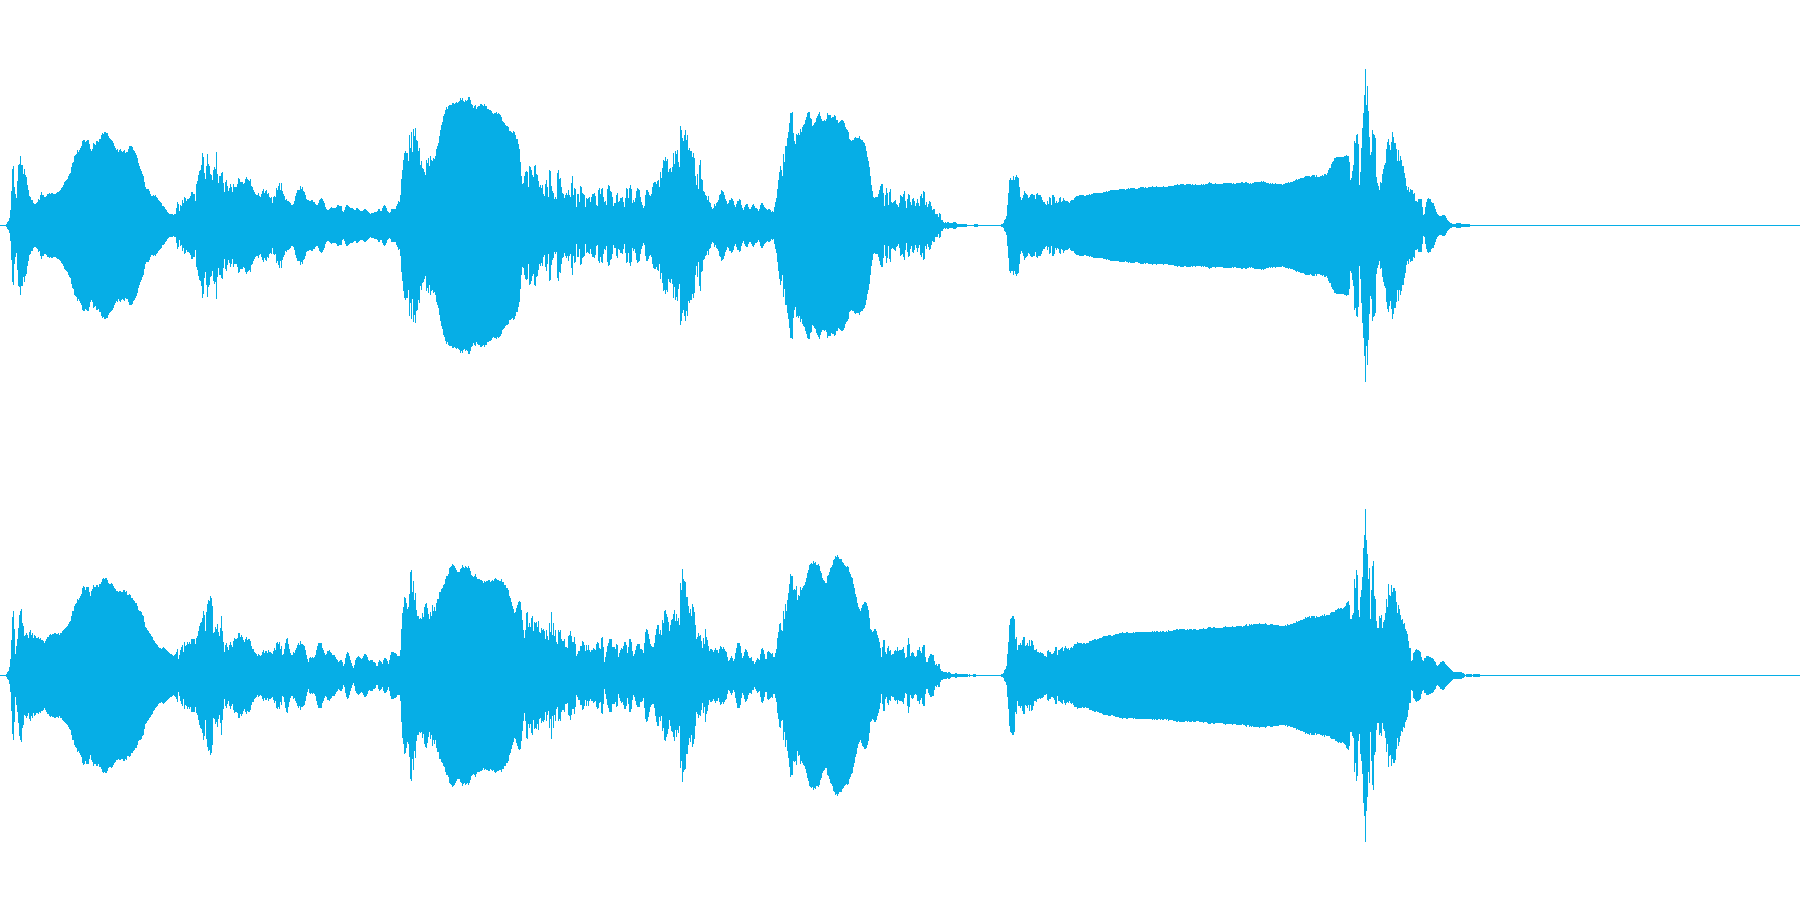 尺八 生演奏 古典風#5の再生済みの波形